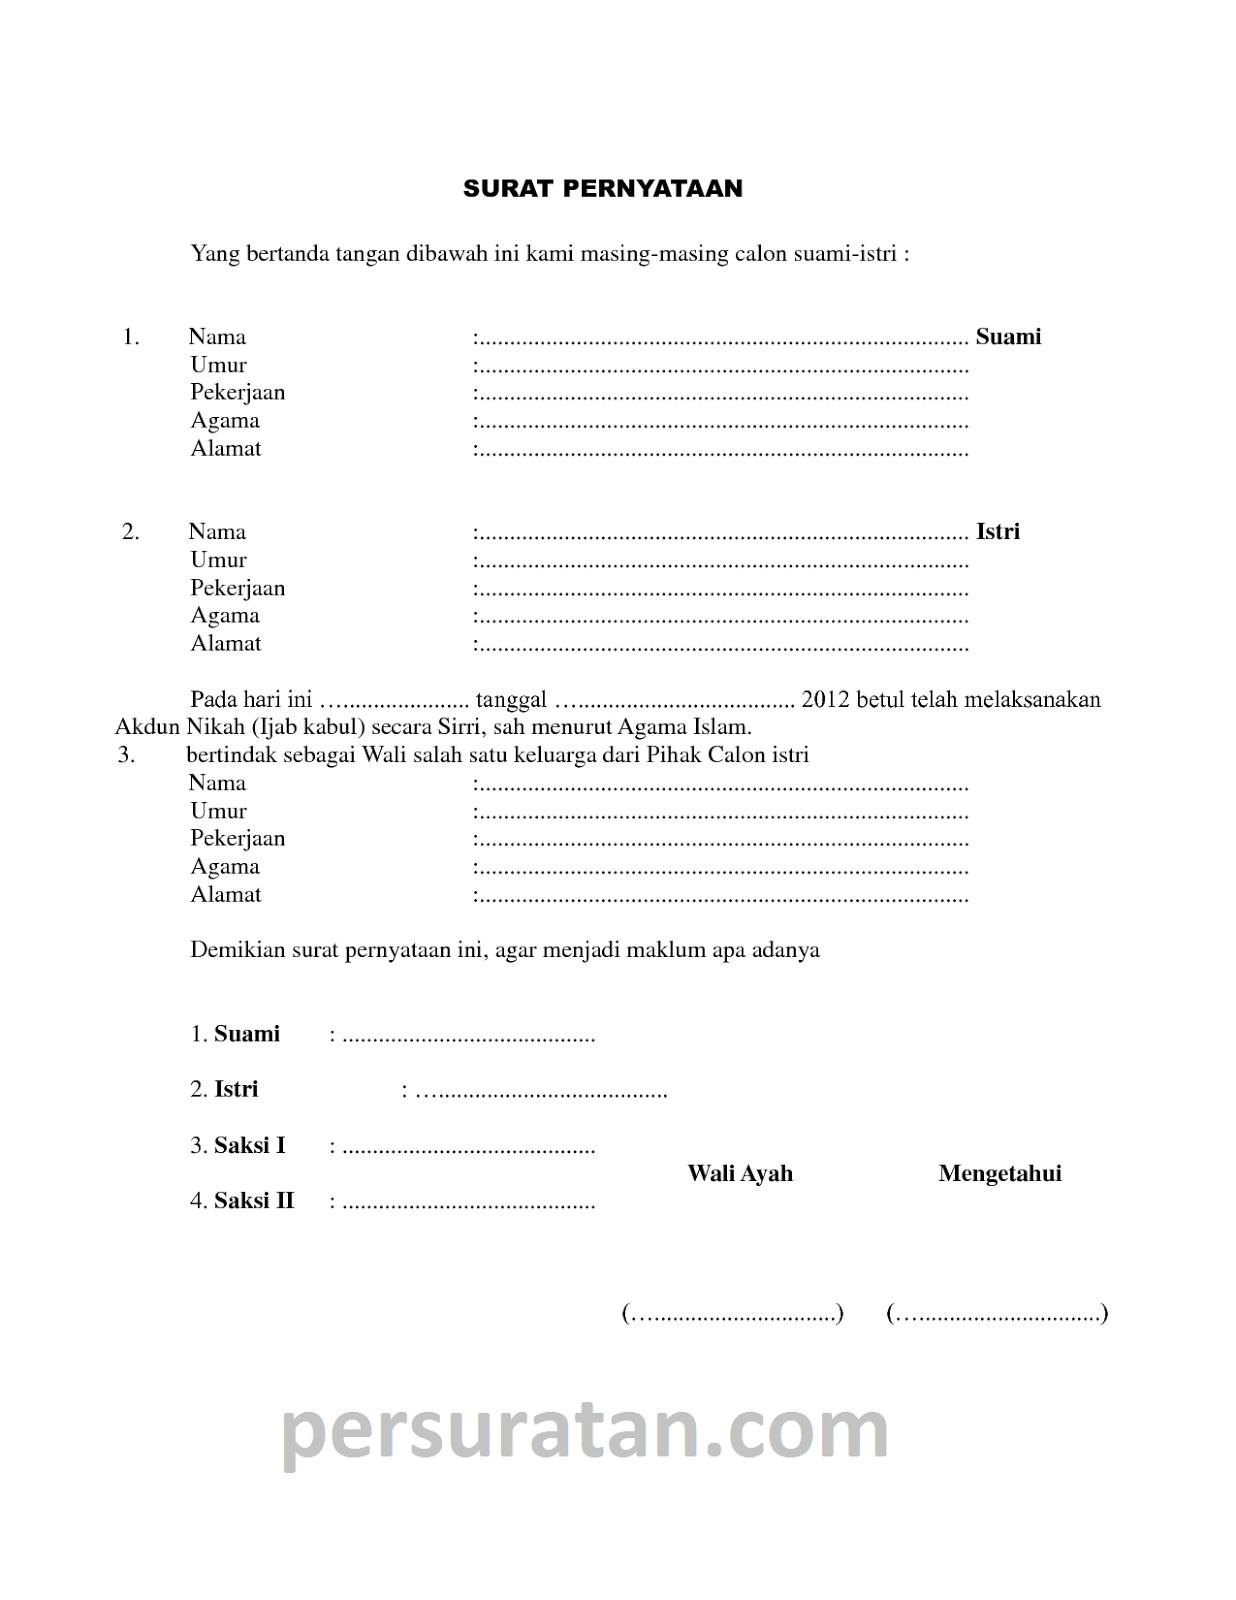 Contoh Soal To Akuntansi Contoh Surat Nikah Siri Resmi Surat Akuntansi